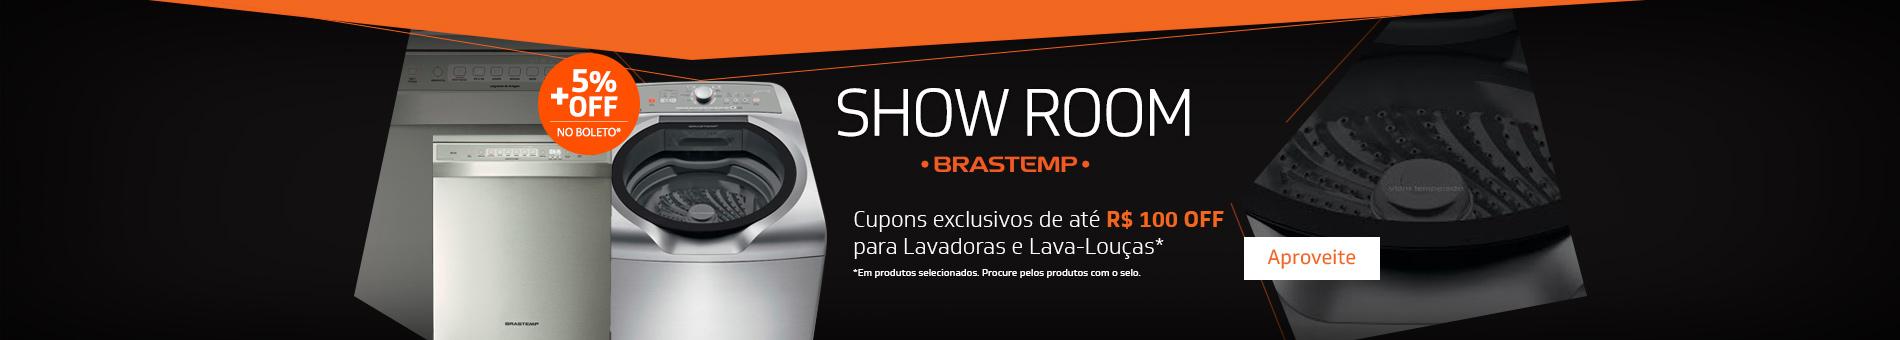 Promoção Interna - 1360 - showroom_lavas-BLF12AR-cupom100ou50_23012017_home2 - lavas-BLF12AR-cupom100ou50 - 2